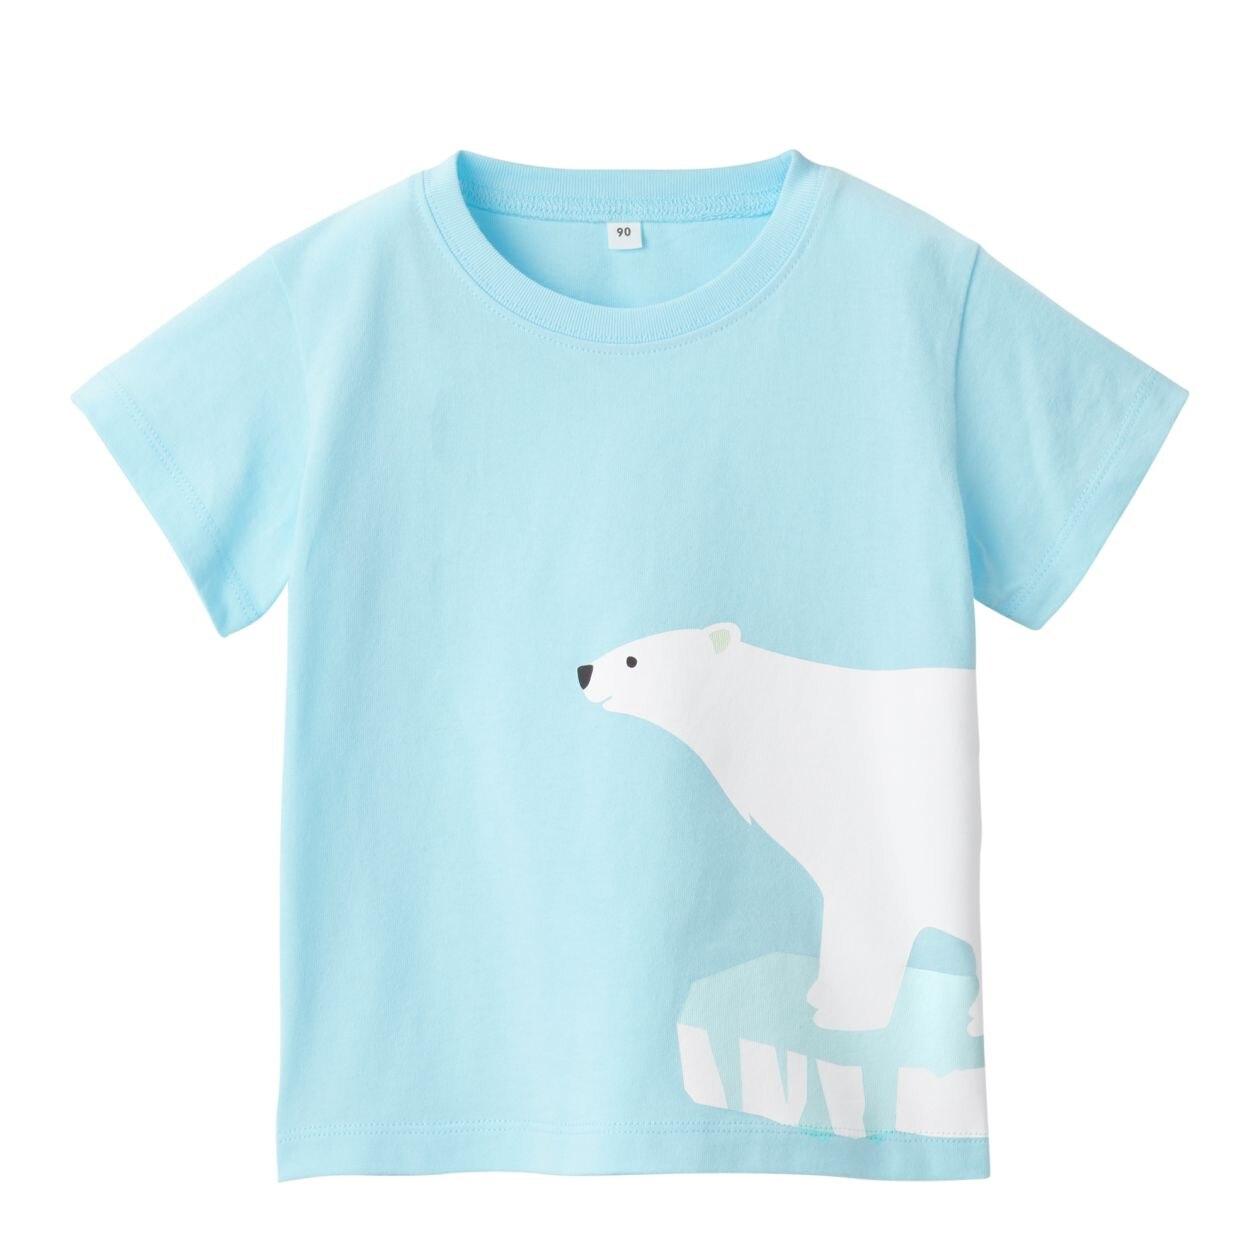 インド綿天竺編みプリントTシャツ(ベビー)